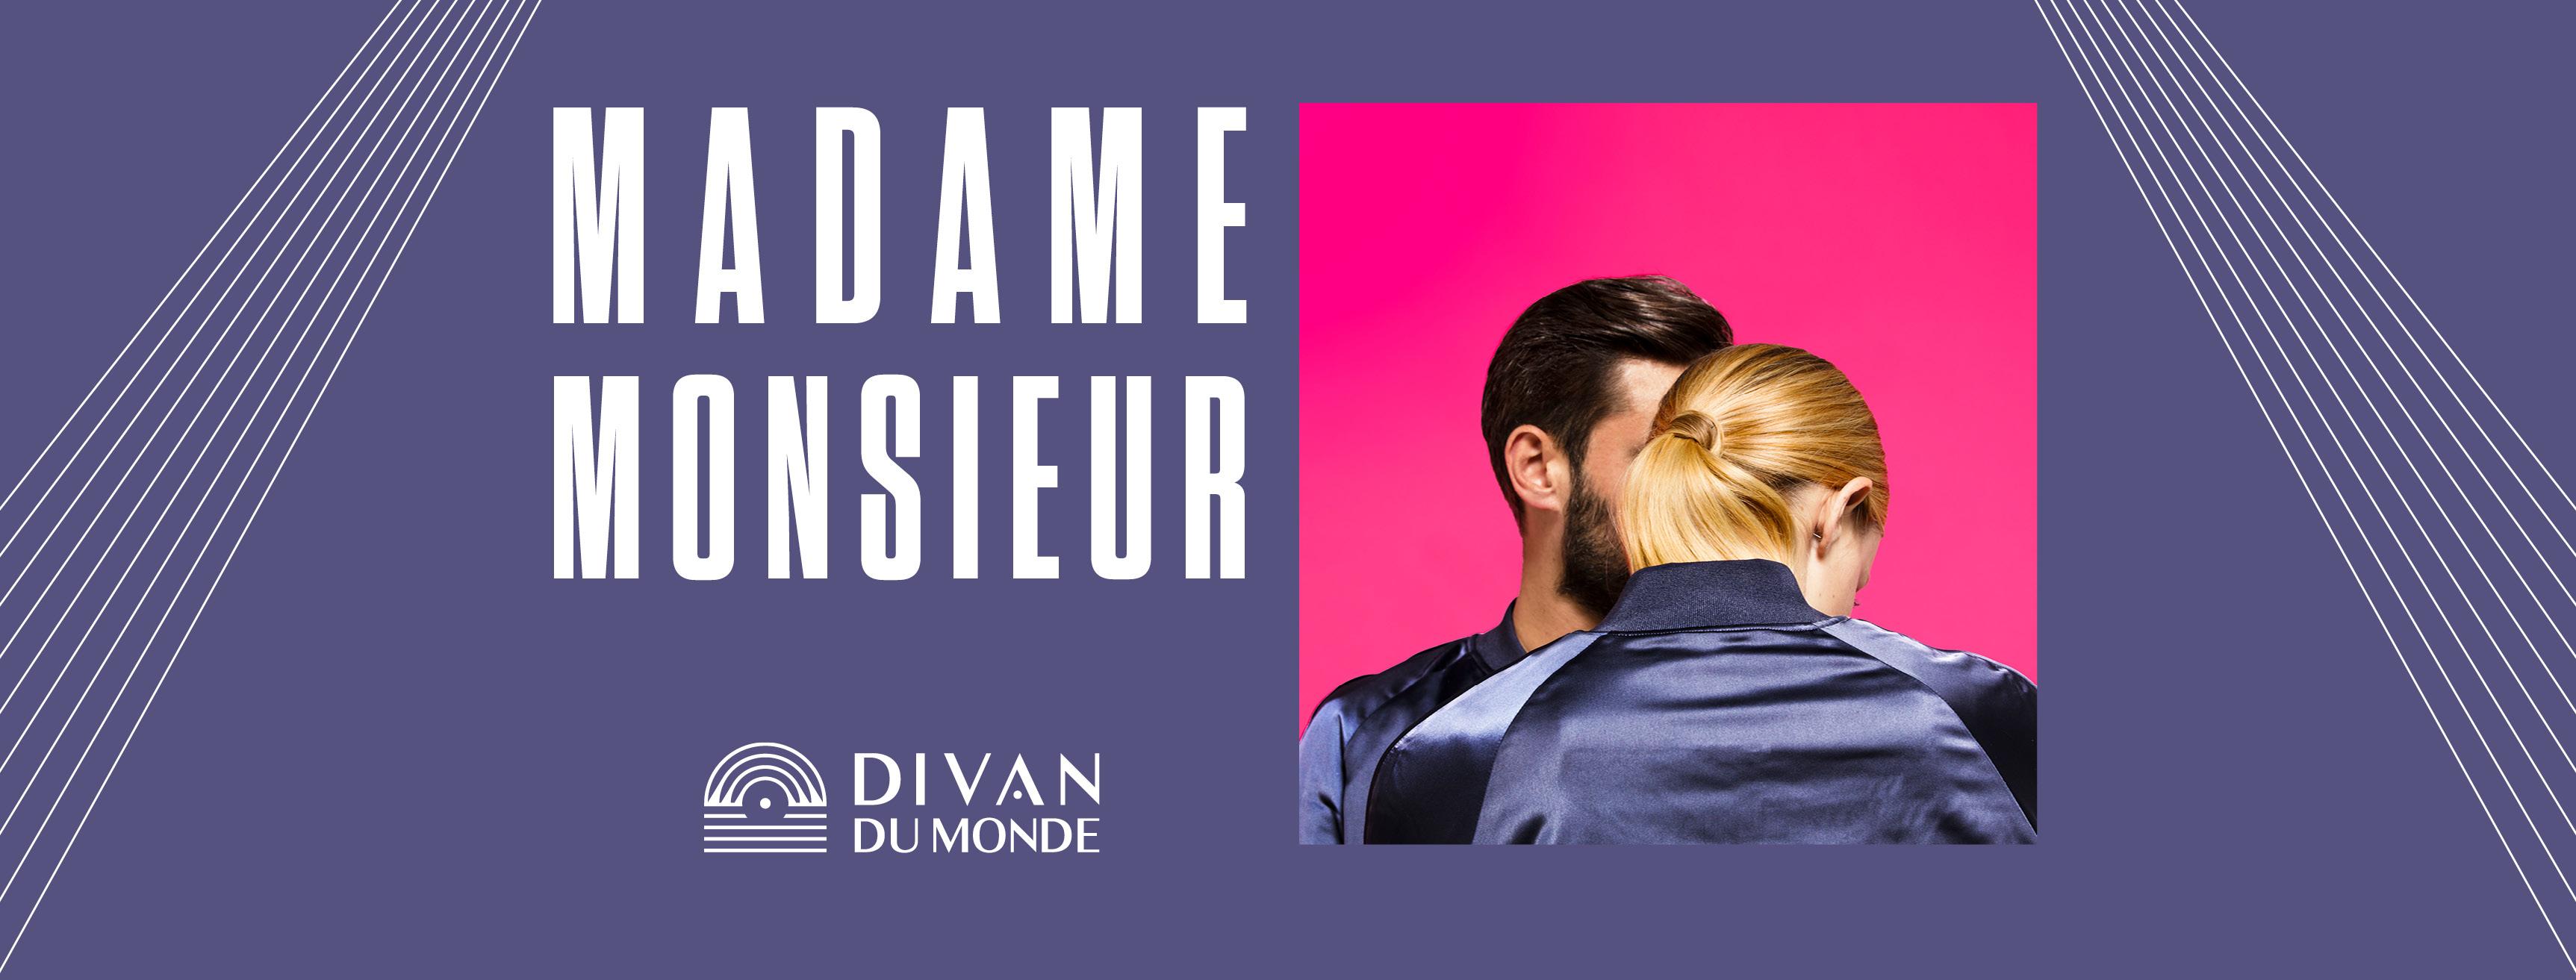 Madame Monsieur Au Divan Du Monde Que Faire Paris